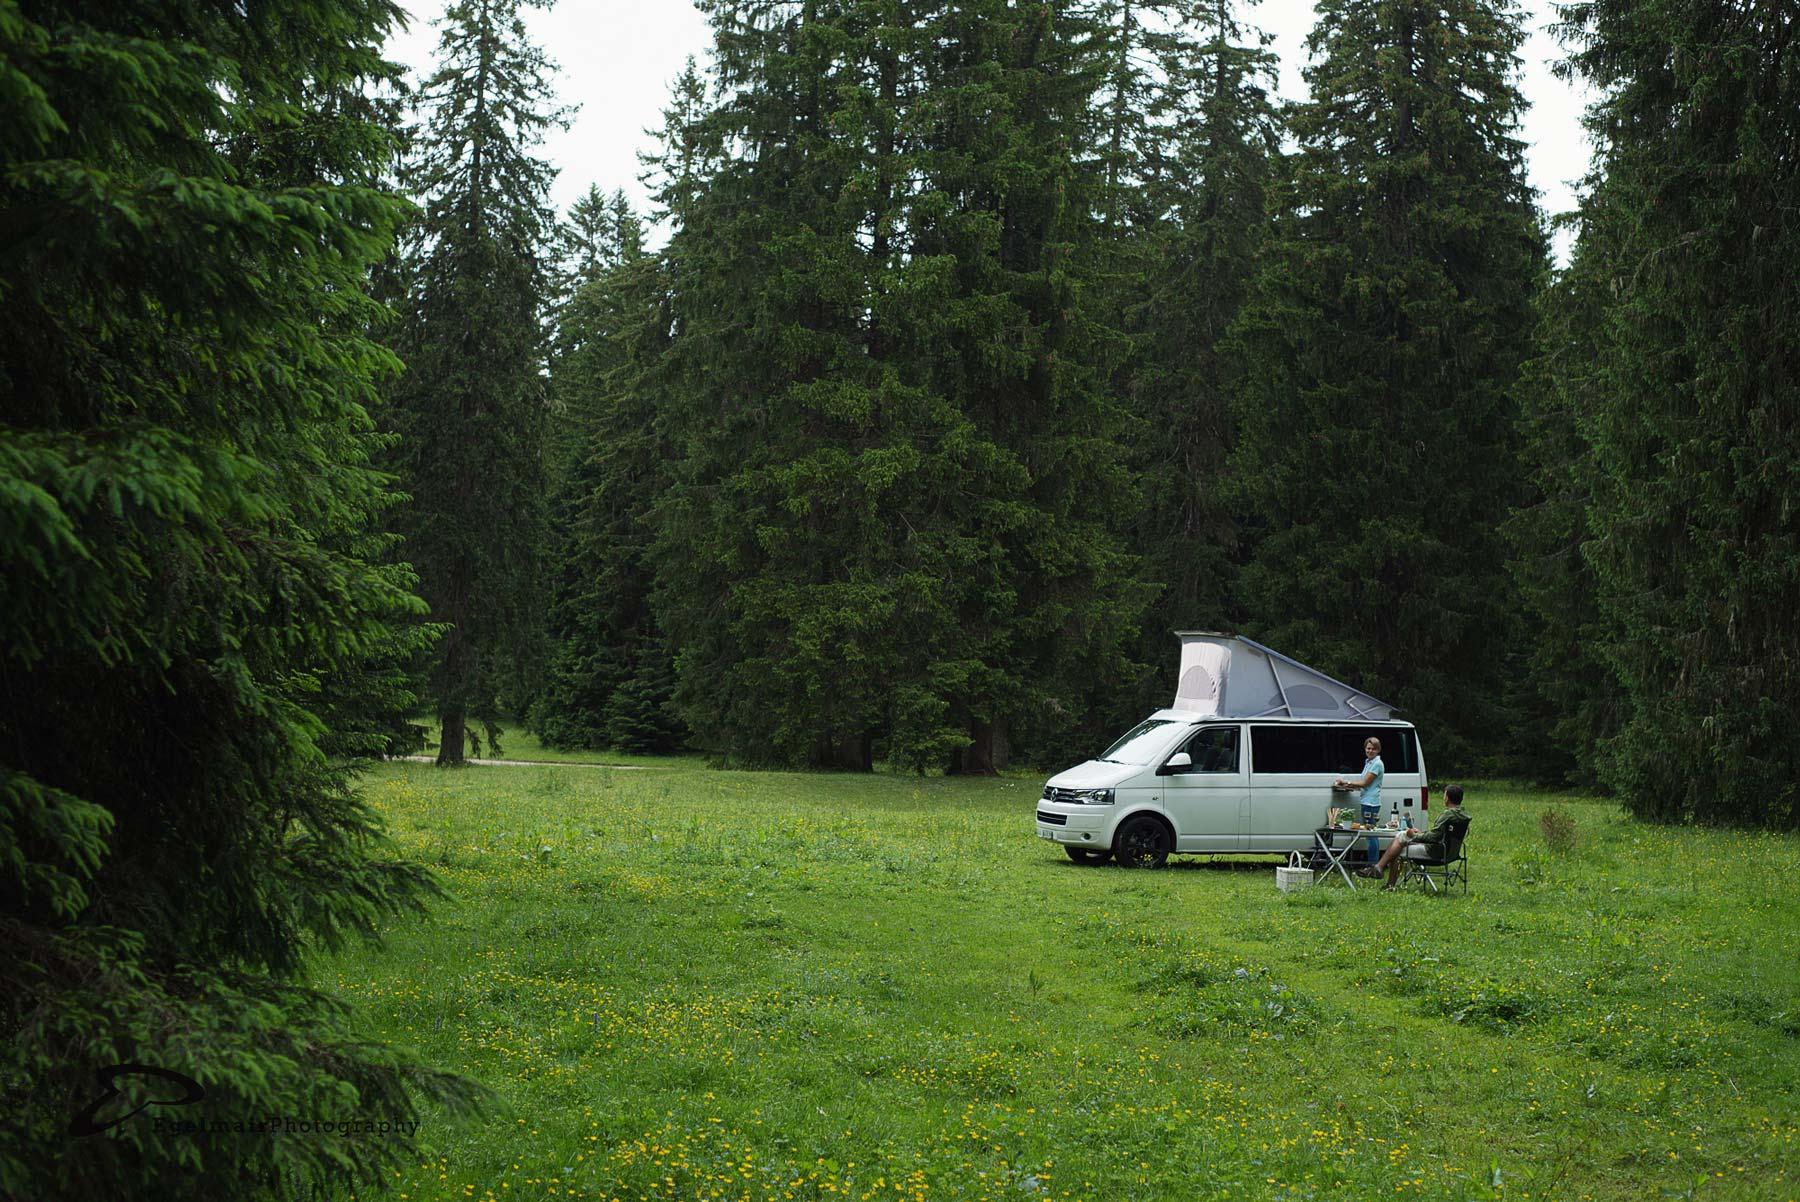 citypeak campers neue vw t6 california camper mieten schweiz. Black Bedroom Furniture Sets. Home Design Ideas